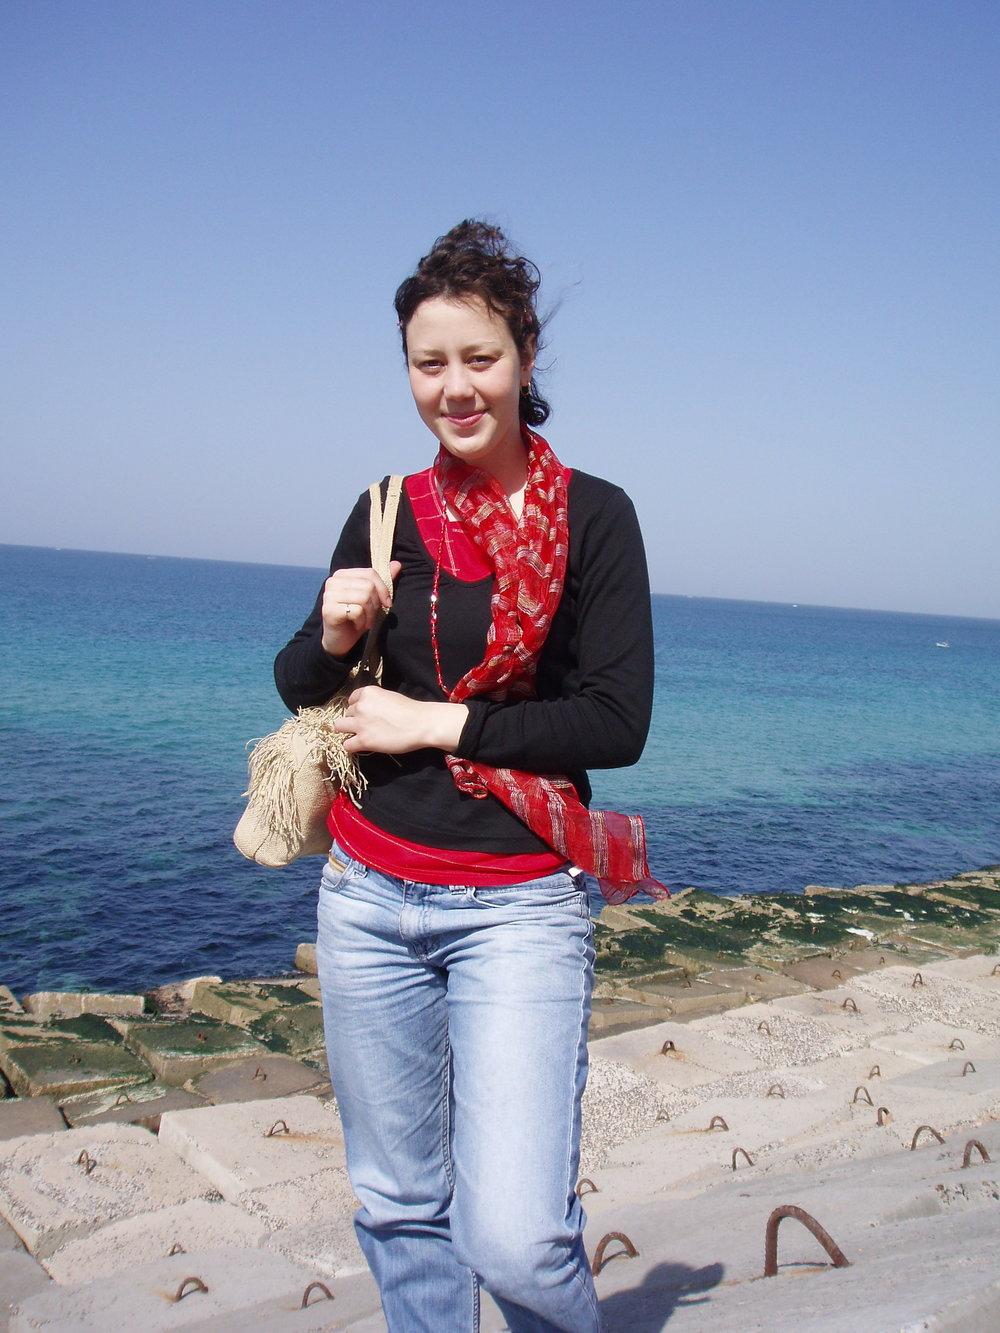 avec le collier rouge, la seule photo où on le voit -quelque part, au bord de la baie d'Alexandrie